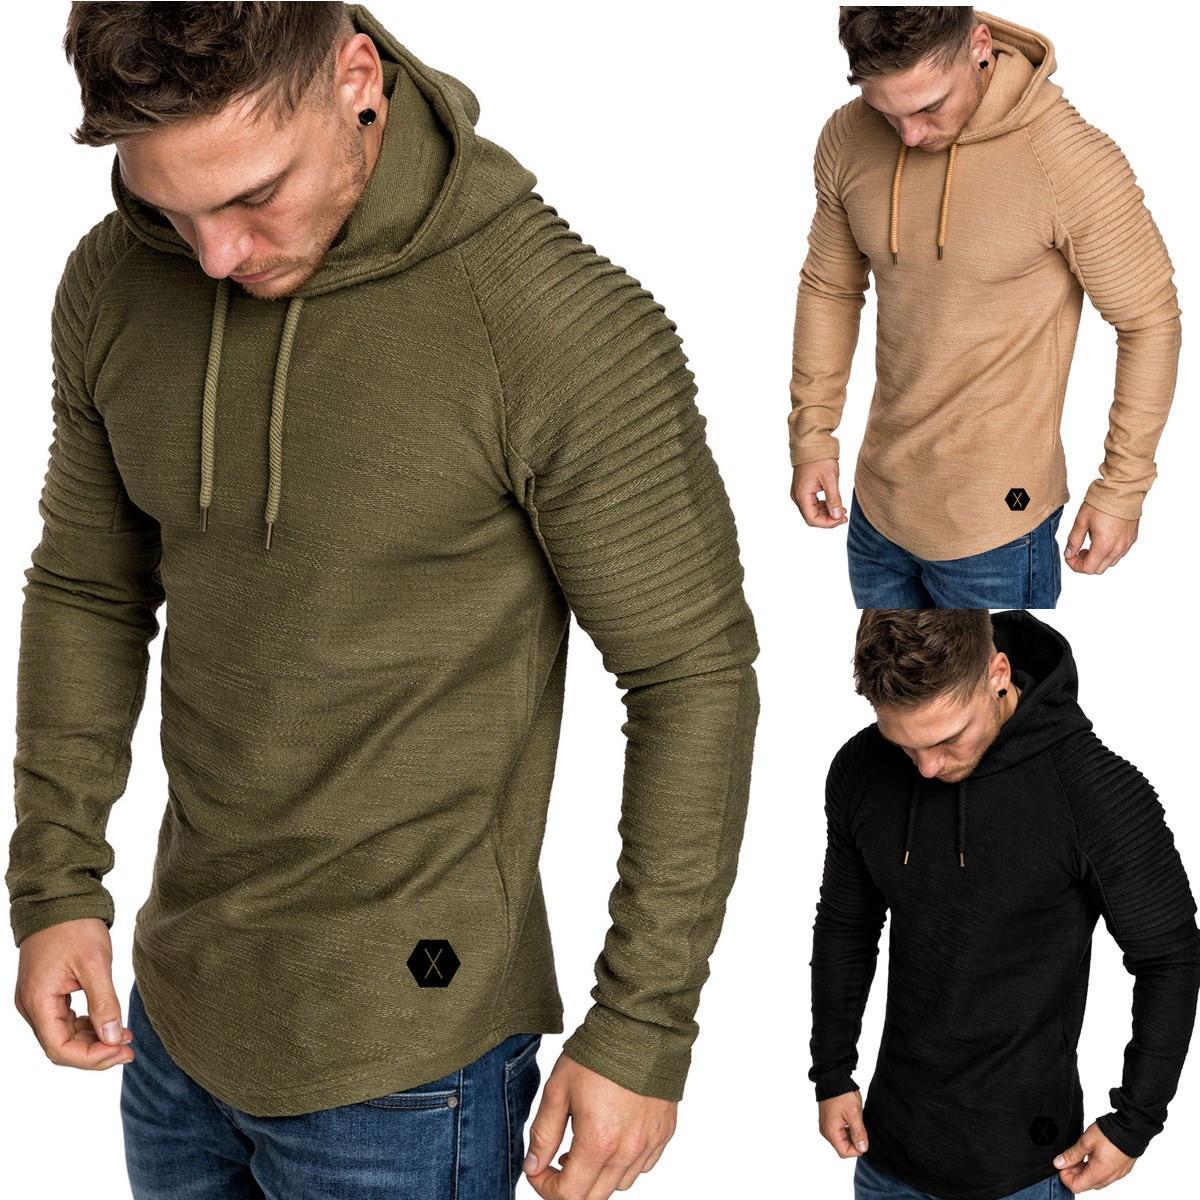 Men Casual Muscle Gym Hoodie Long Sleeve Slim Fit Top Autumn Pre-Fall Sweatshirt